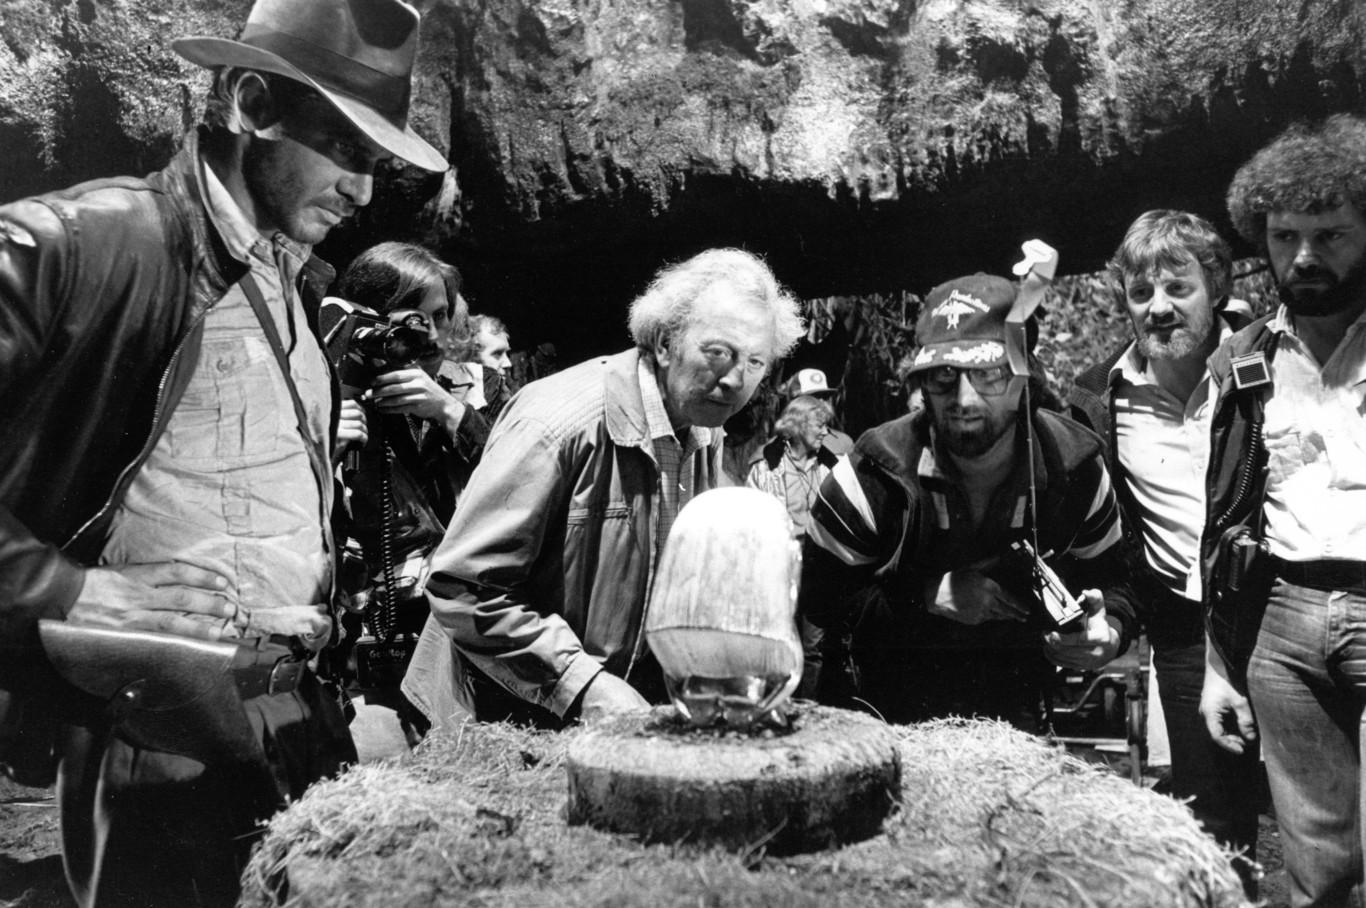 Douglas Slocombe in Indiana Jones